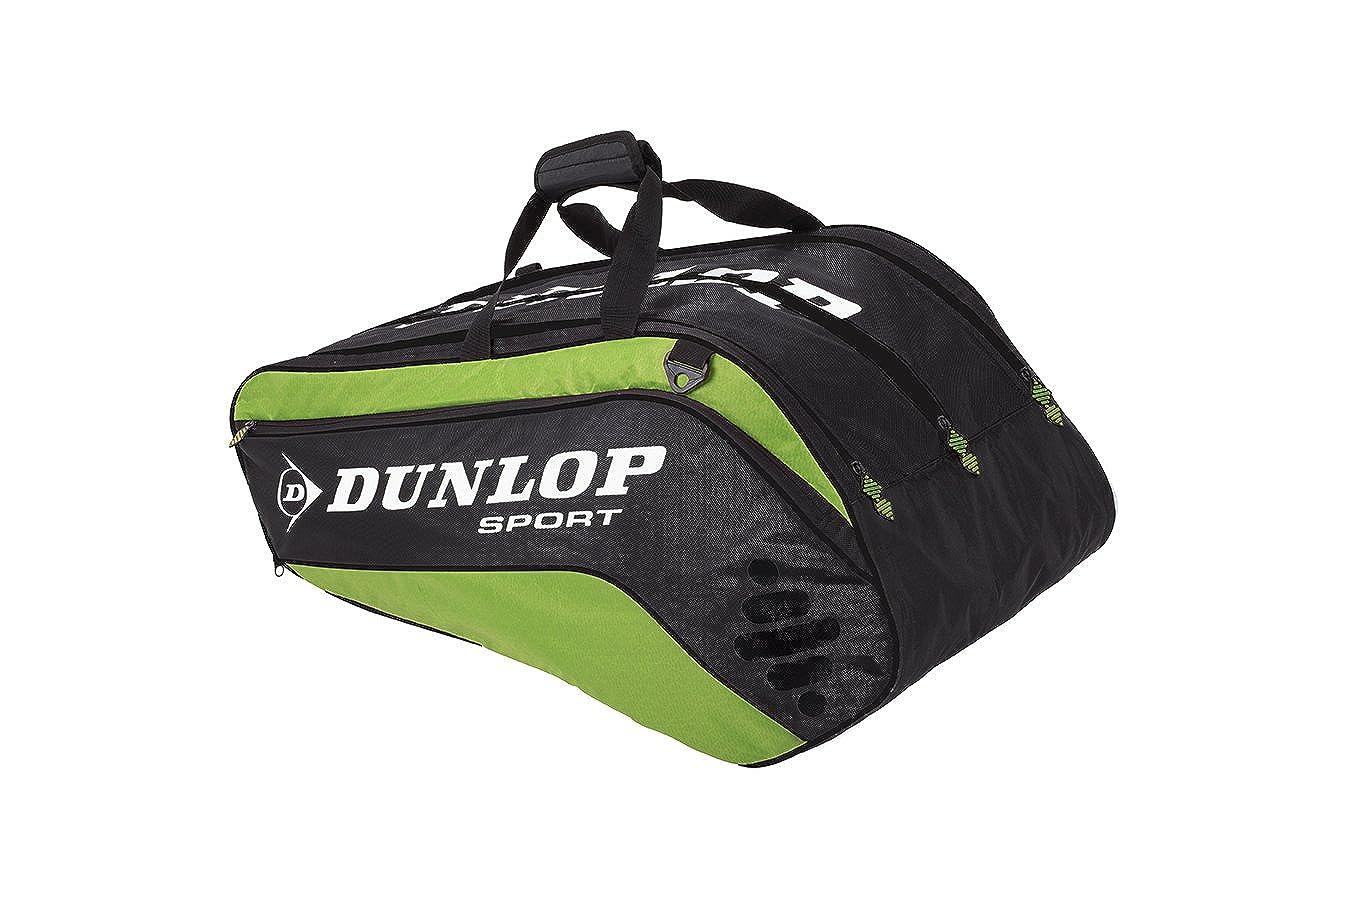 DUNLOP - Bolsa para Material de Tenis, tamaño 80 x 40 x 35 cm ...